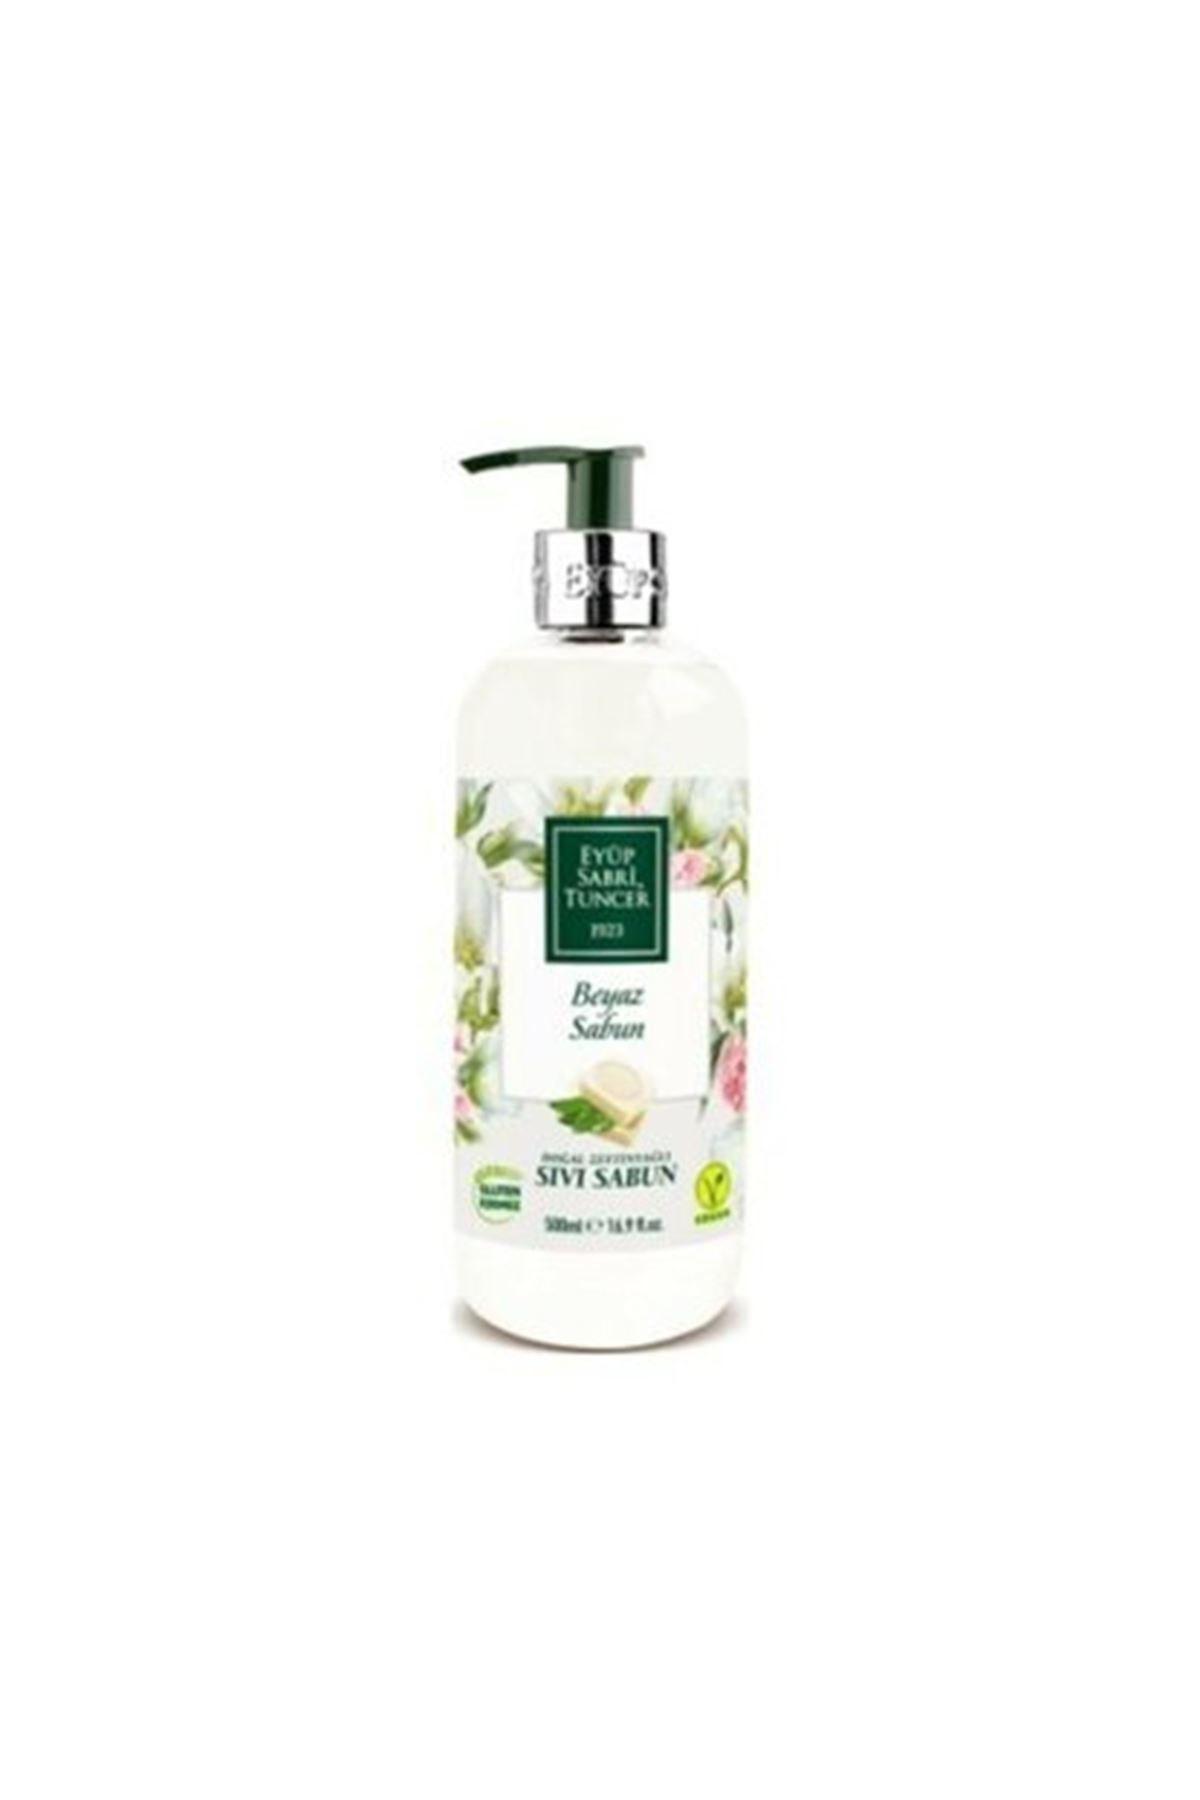 Eyüp Sabri Tuncer Doğal Zeytinyağlı Beyaz Sabun Sıvı Sabun 500 ml